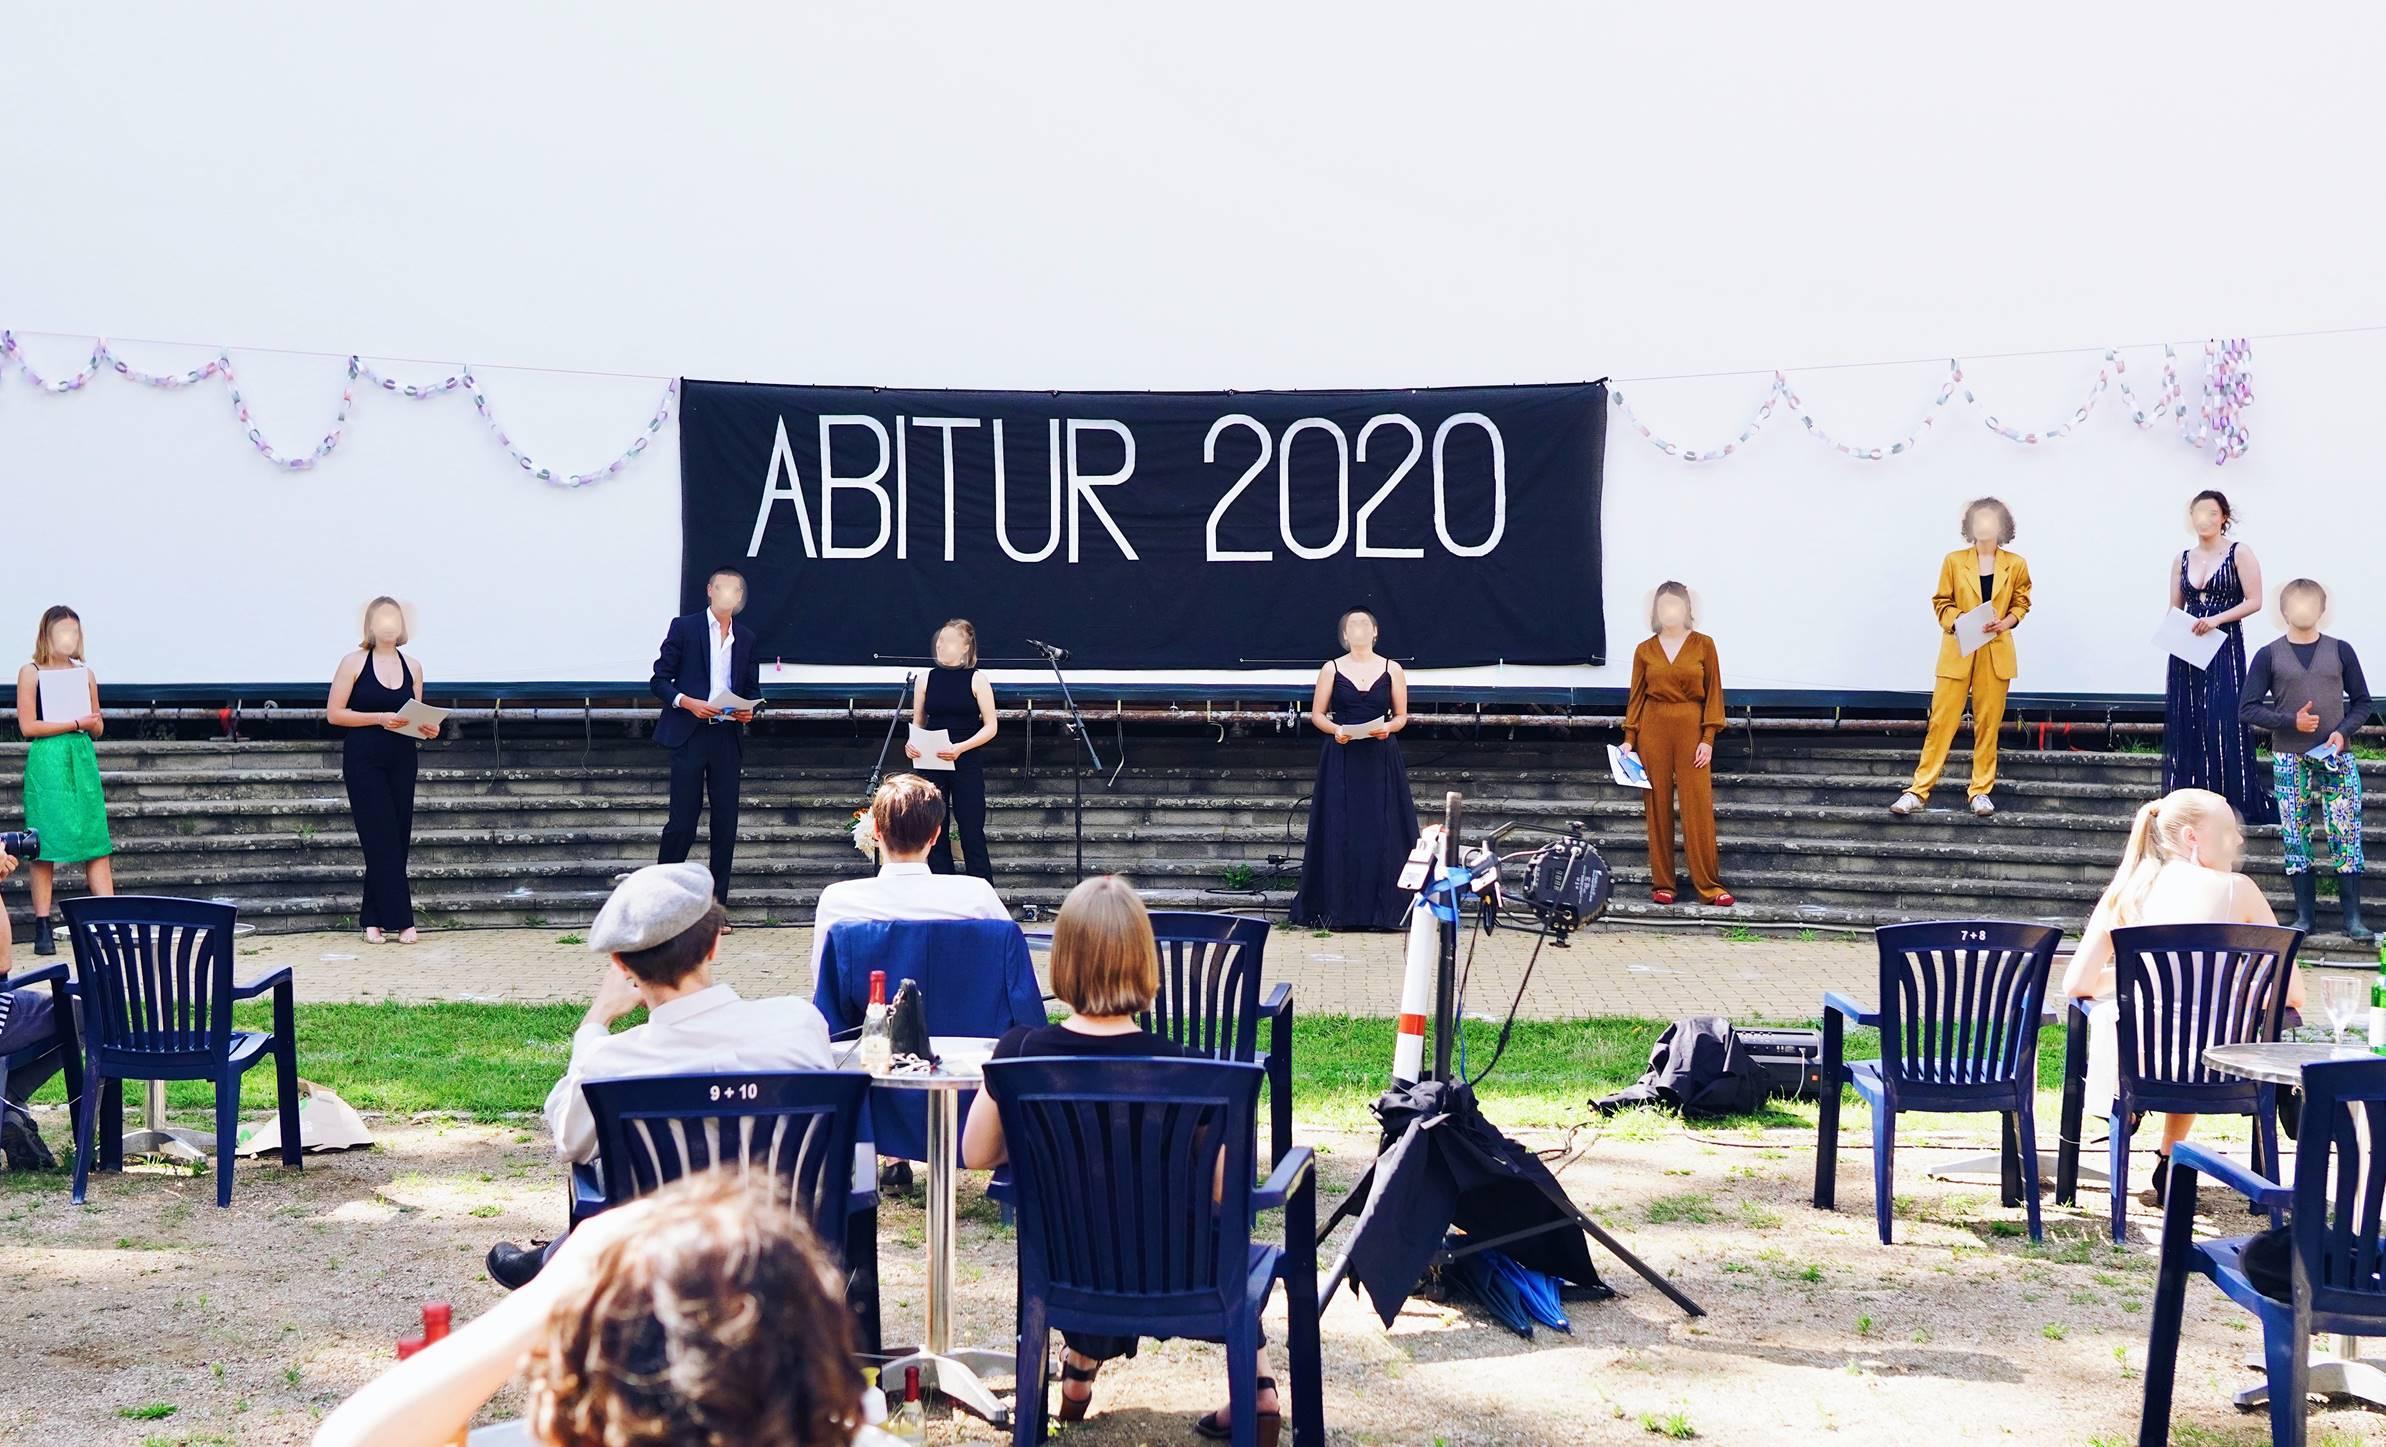 Abitur 2020 10